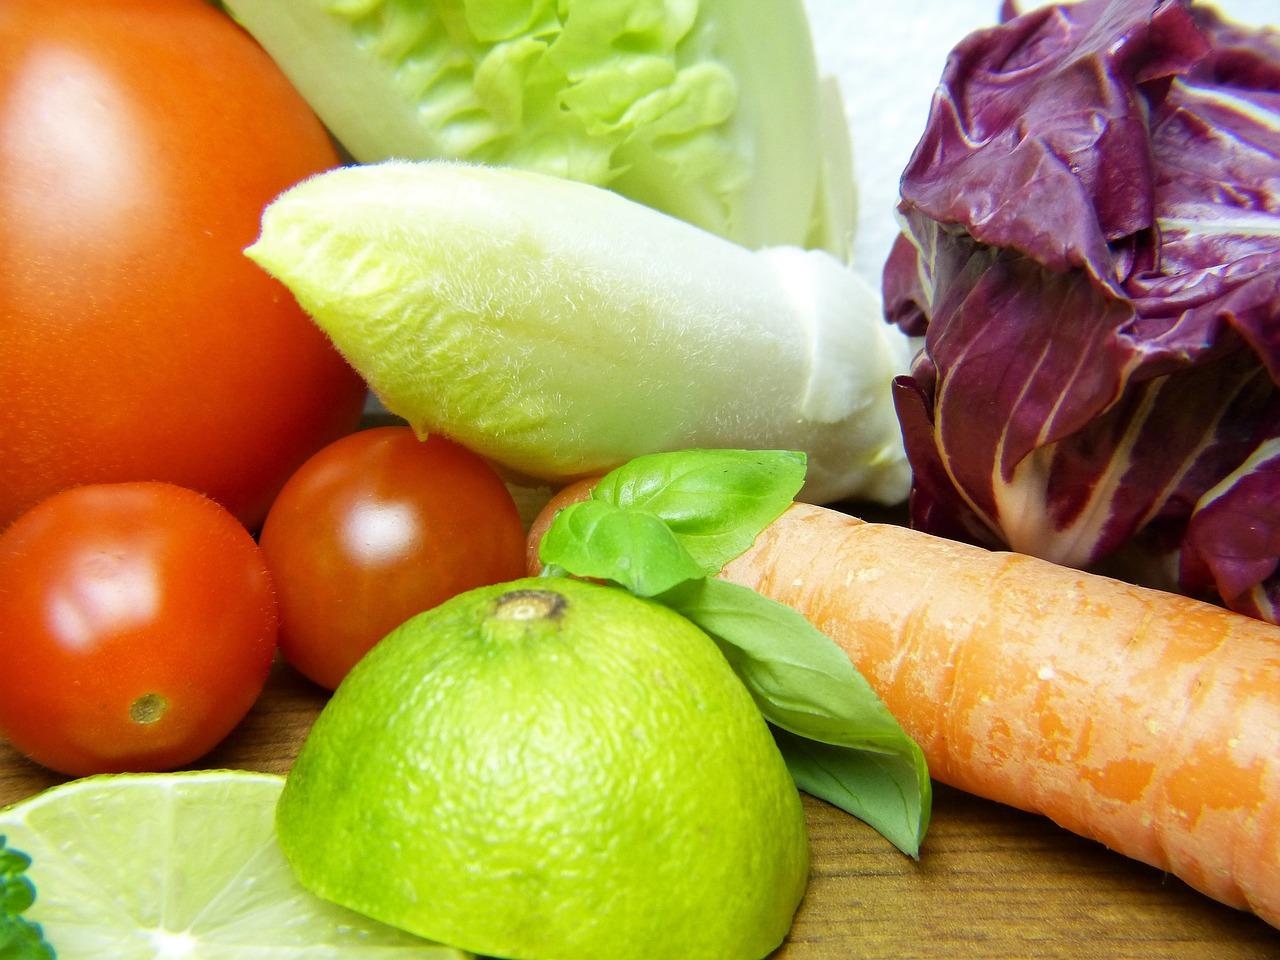 Zdrowa żywność dla dorosłych i dla dzieci